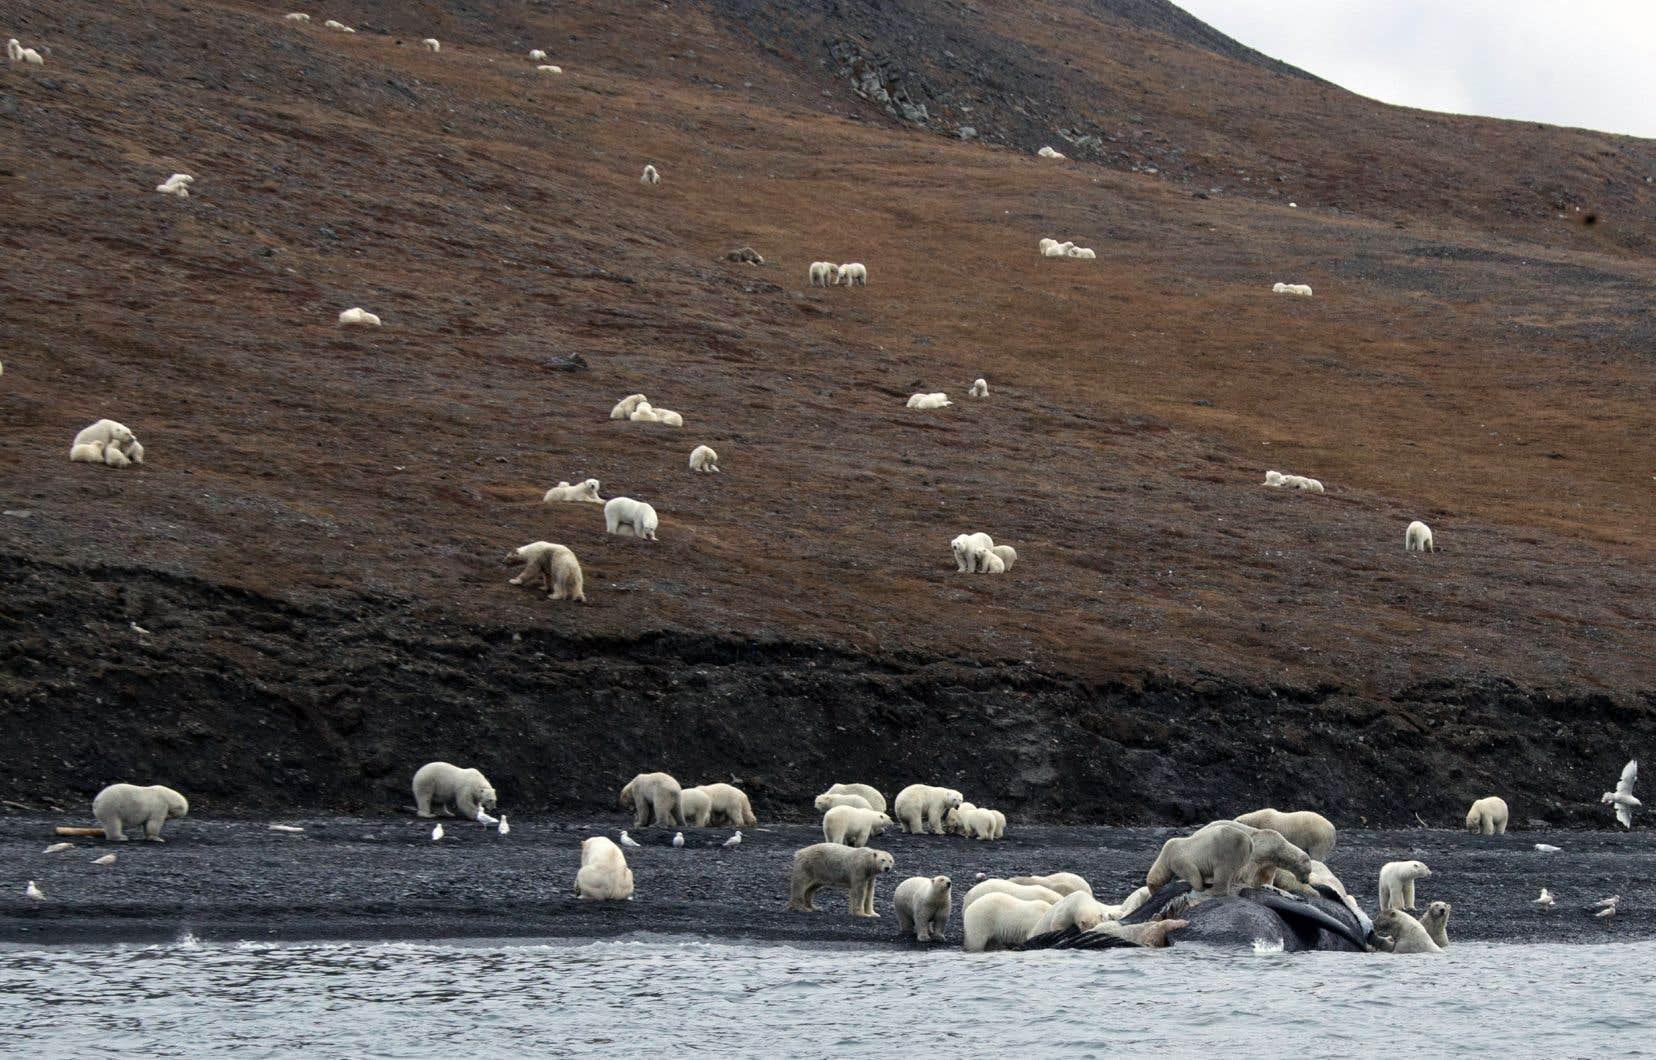 Les ours polaires s'étaient rassemblés au bord de l'eau pour dépecer la carcasse d'une baleine échouée sur la rive.